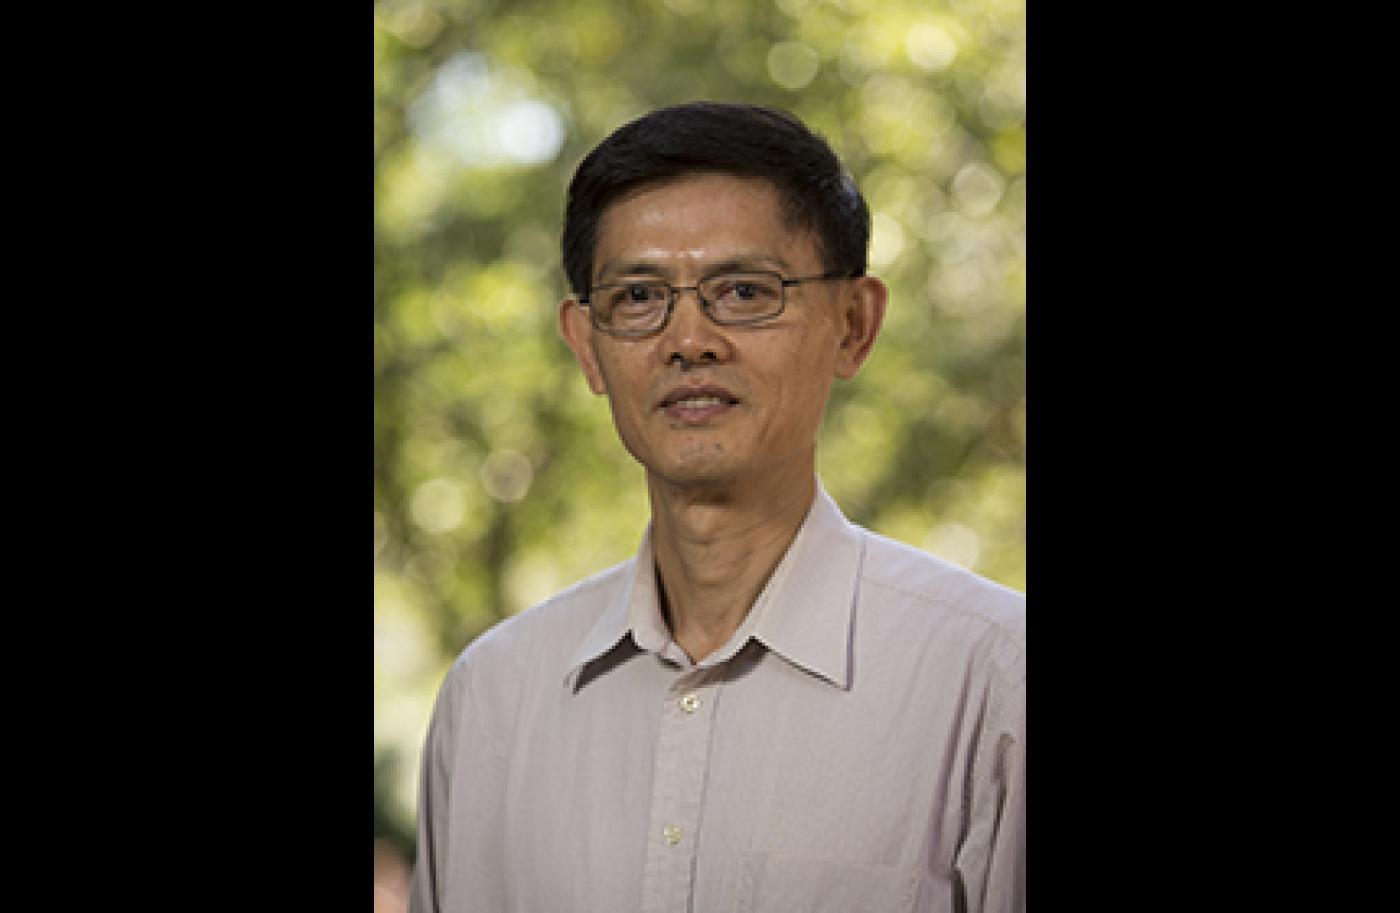 曾被誣控間諜罪的天普大學物理系教授郗小星,日前控告聯邦調查局探員並求償。(取自天普大學網站)